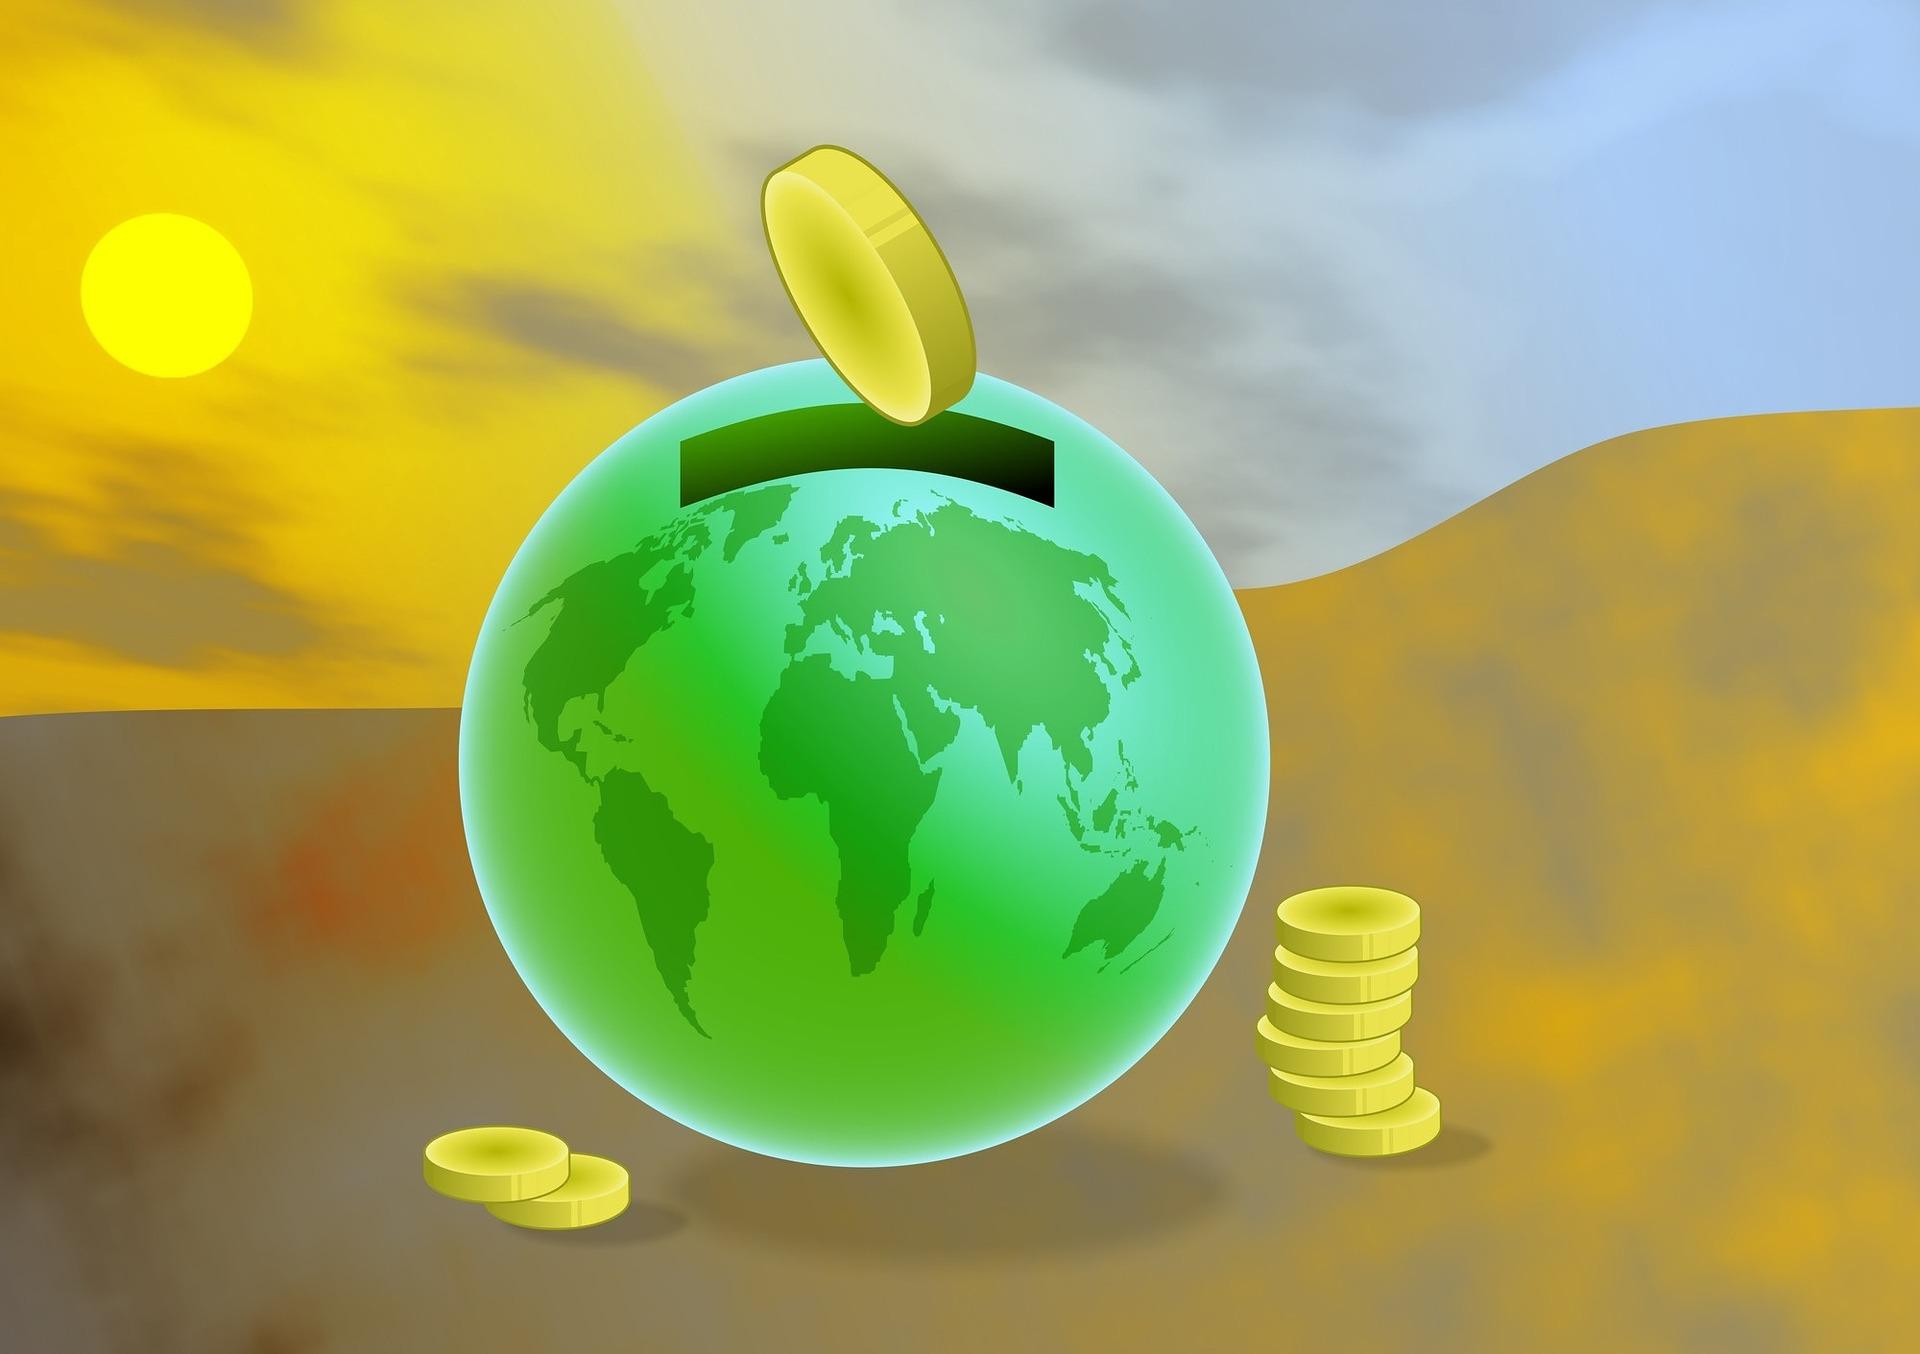 【開業資金調達方法】種類やリスク、おすすめ順について